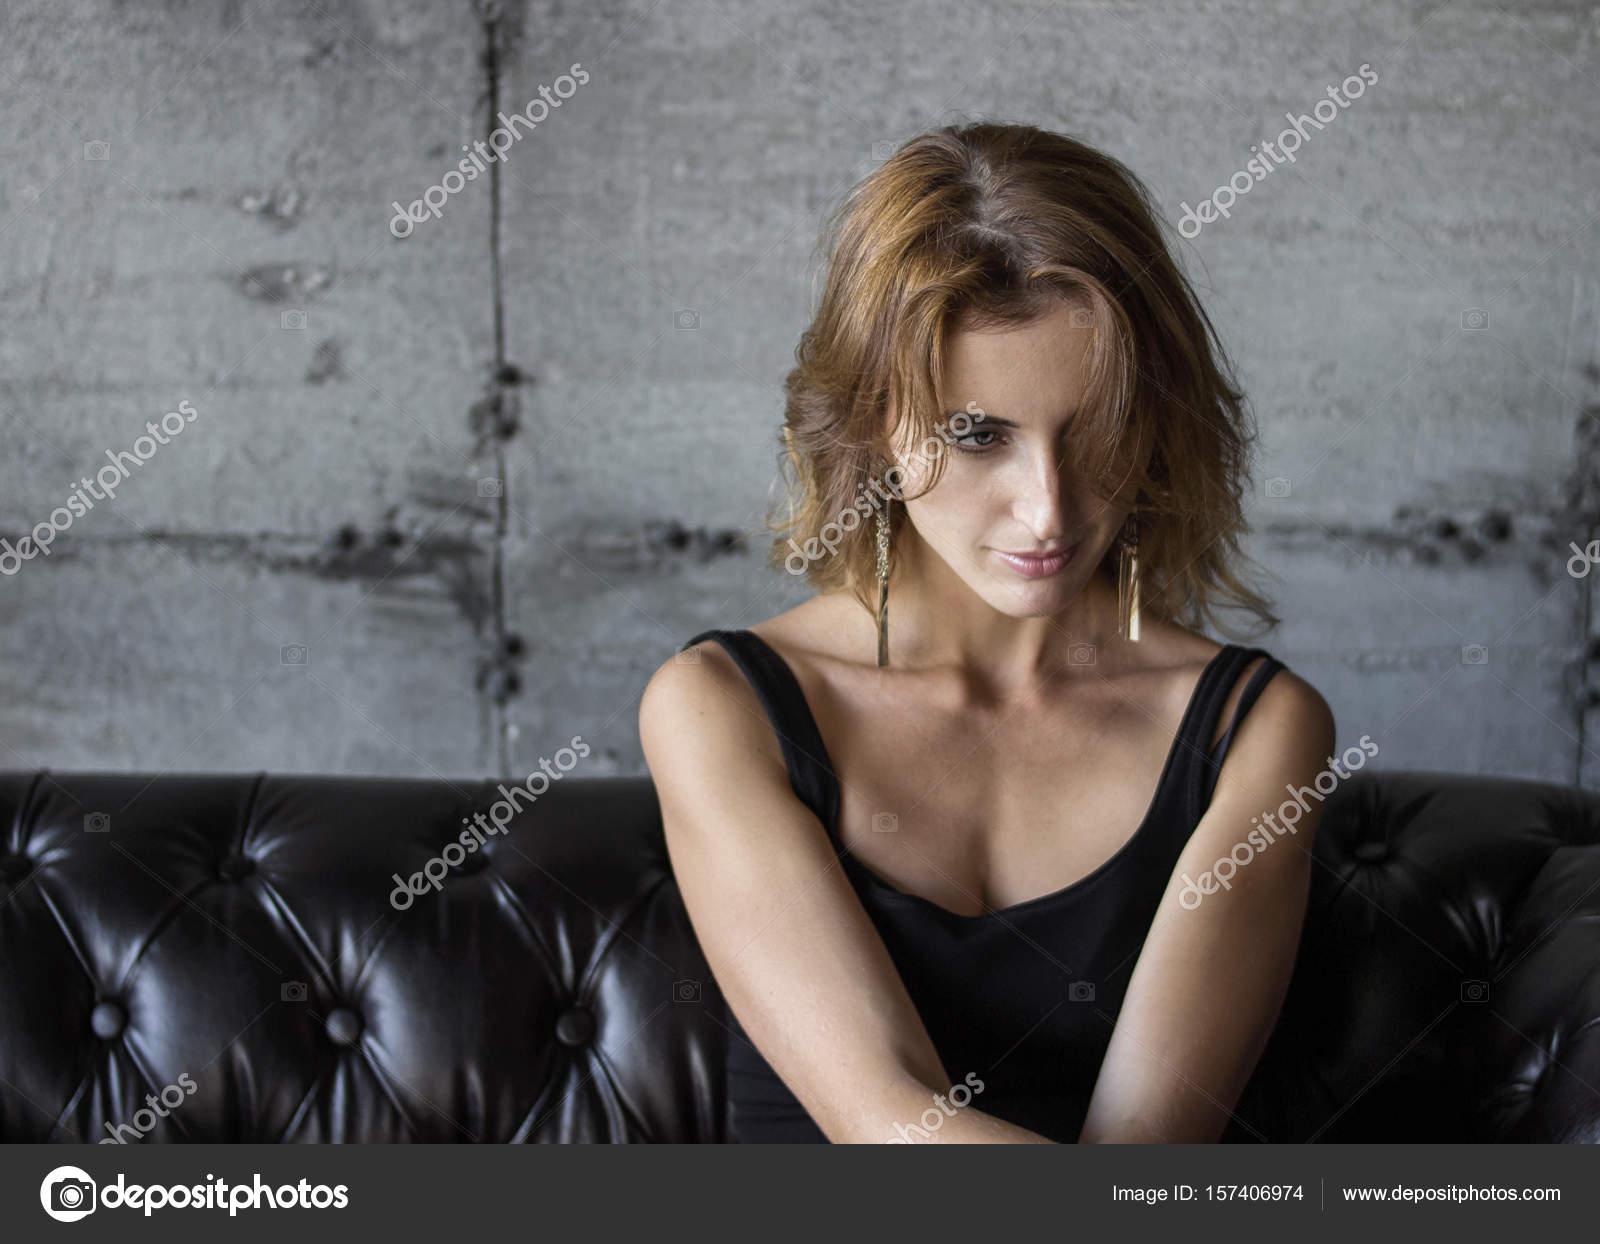 Kanepede Oturan Güzel Seksi Kadın Fotoğrafları Stok Foto Maksvil